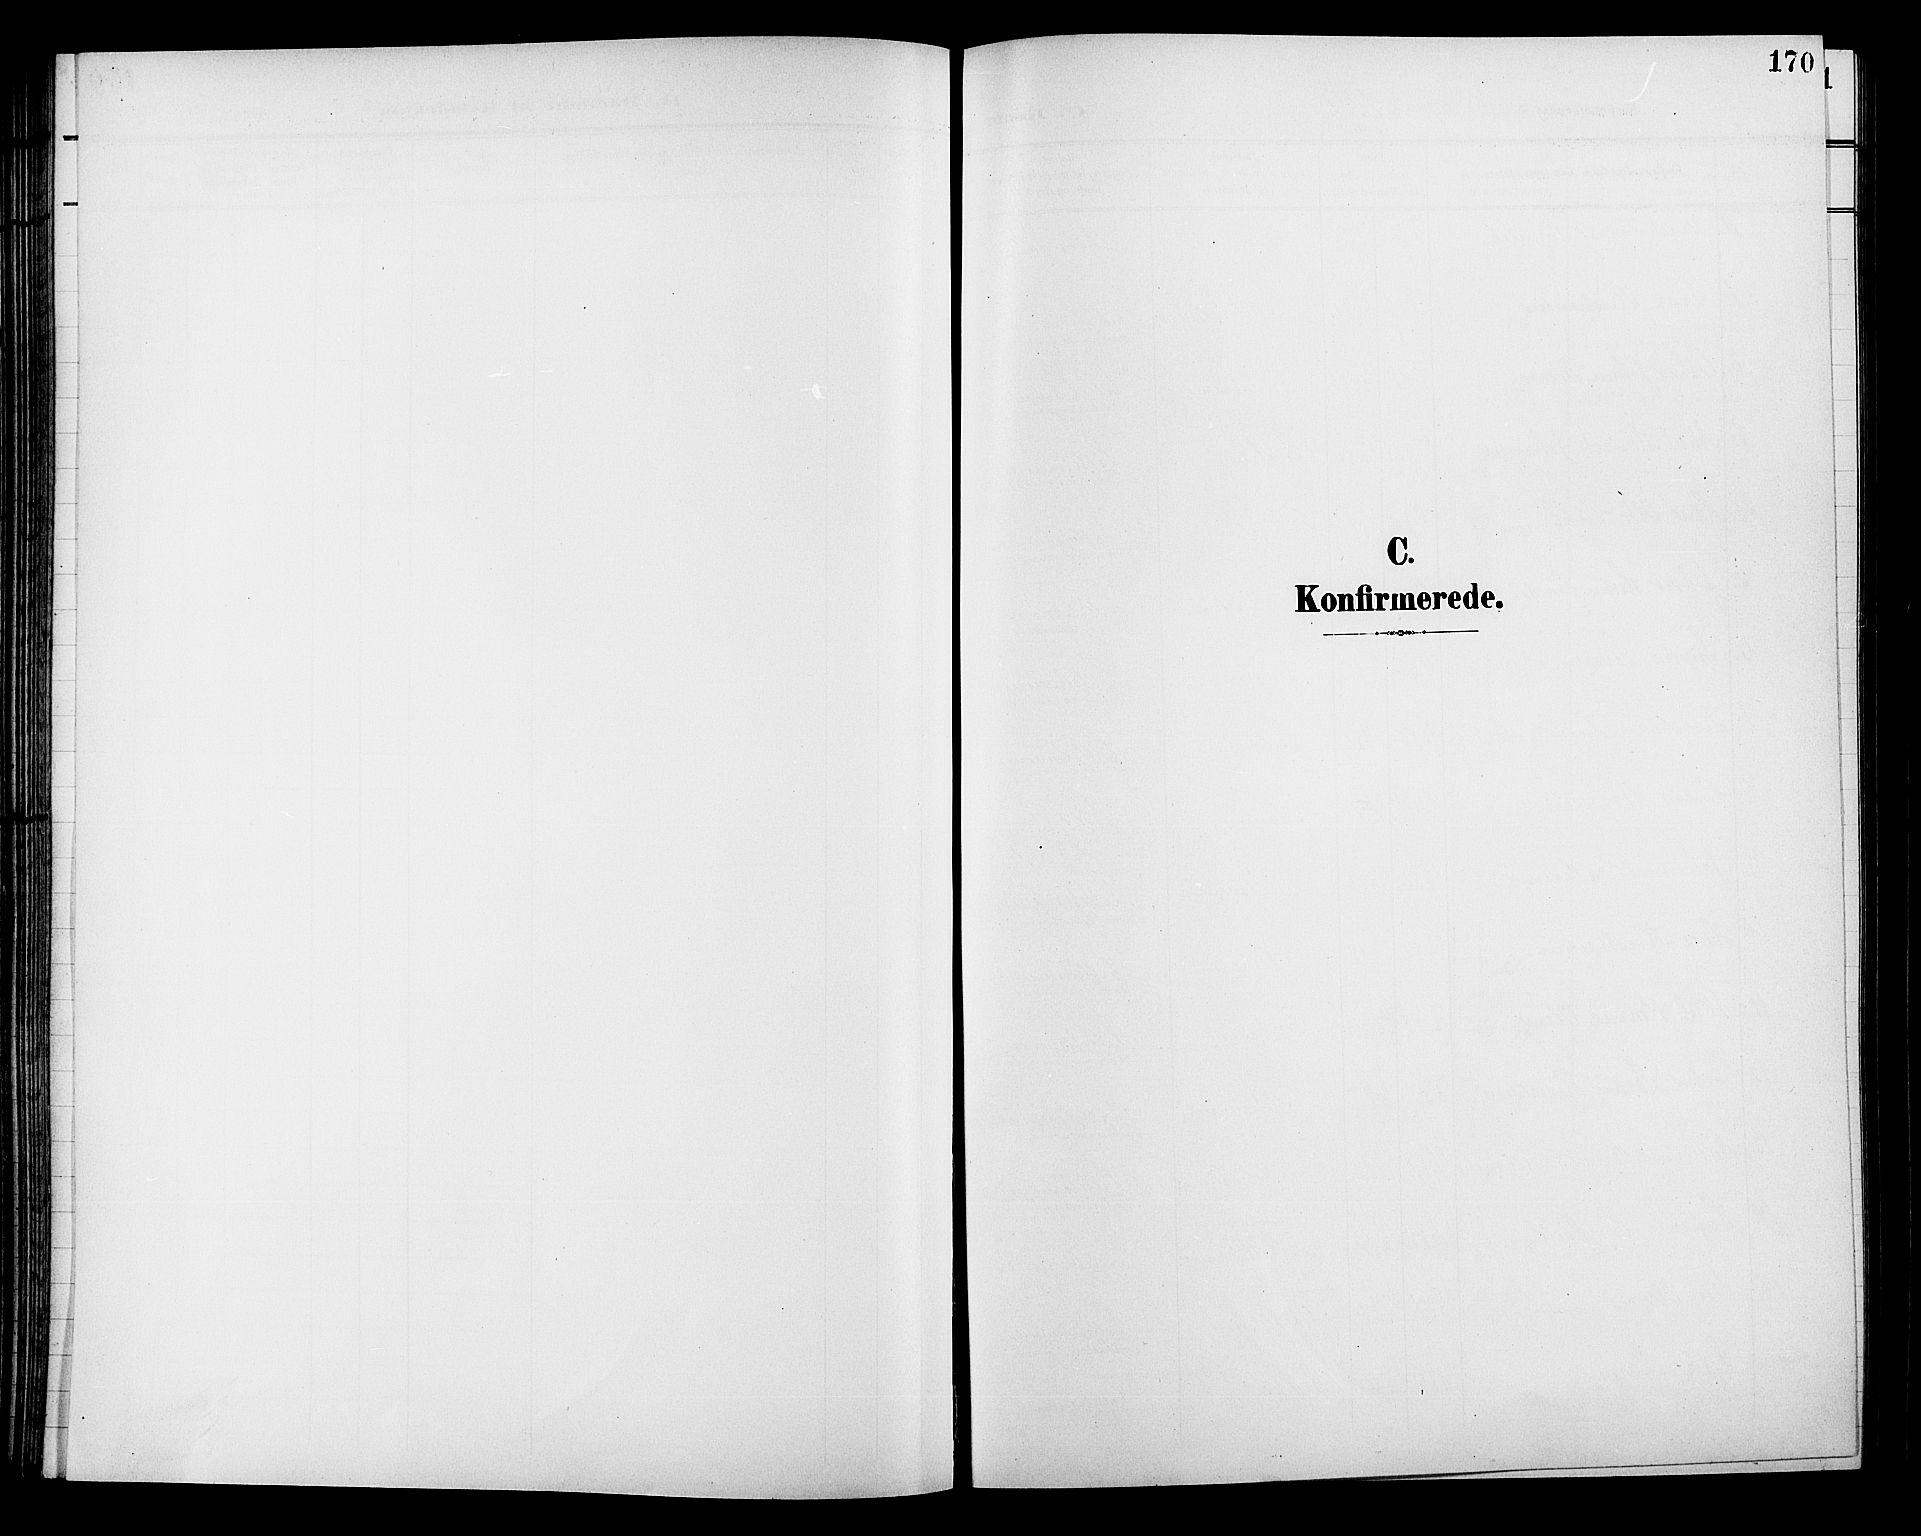 SAH, Lillehammer prestekontor, Klokkerbok nr. 1, 1901-1913, s. 170